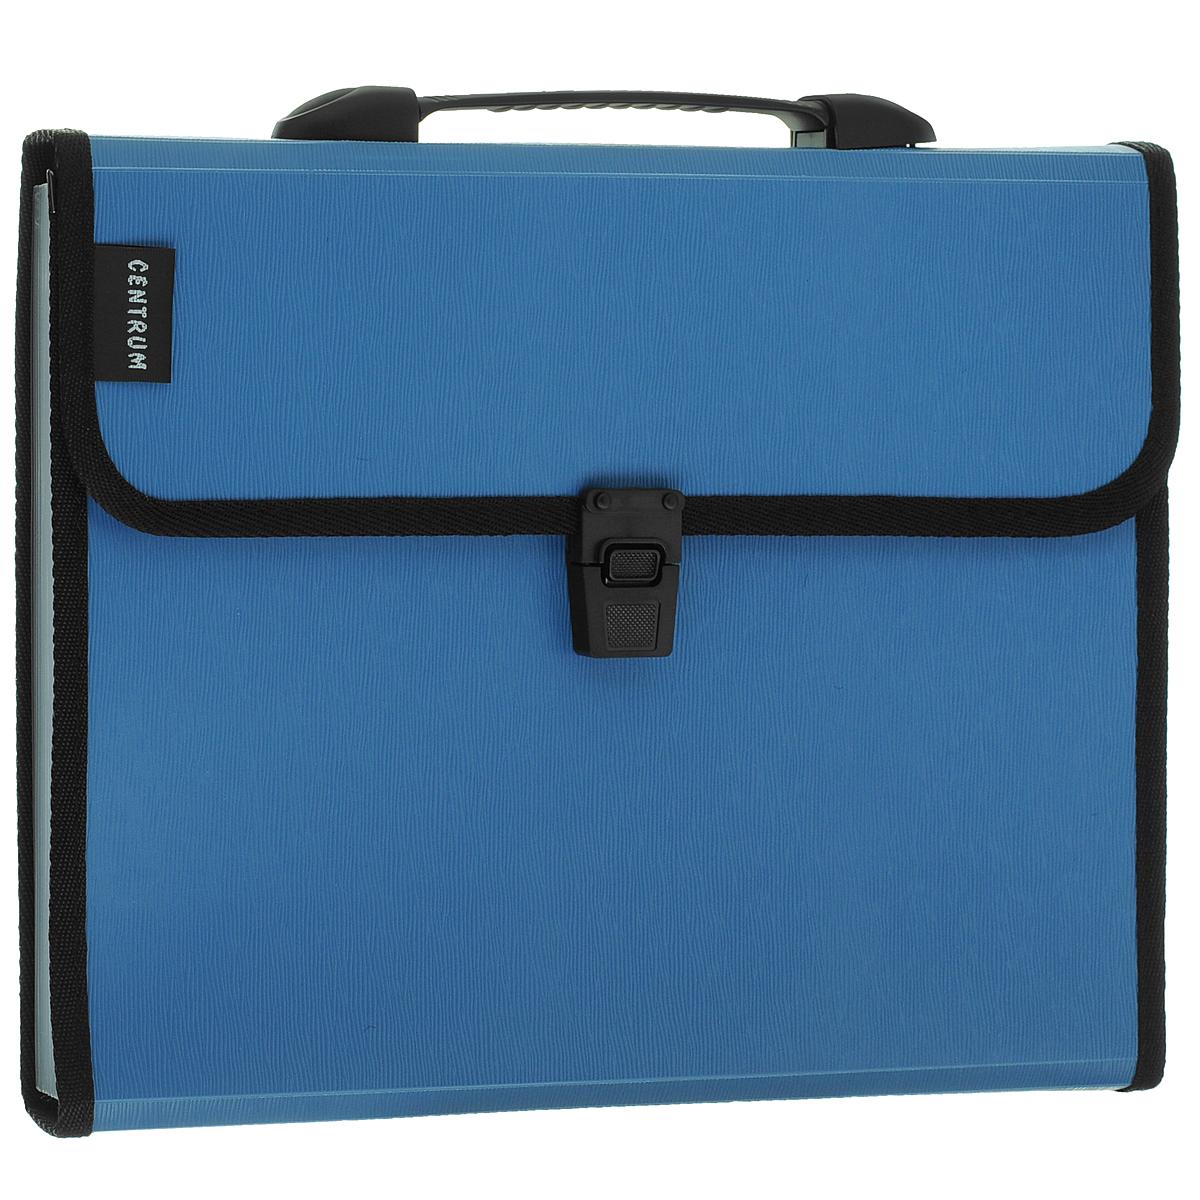 Папка-портфель Centrum, 13 отделений, с ручкой, цвет: голубой. Формат А482261СинПапка-портфель Centrum станет вашим верным помощником дома и в офисе. Это удобный и функциональный инструмент, предназначенный для хранения и транспортировки больших объемов рабочих бумаг и документов формата А4. Папка изготовлена из износостойкого высококачественного пластика толщиной 0,75 мм, и закрывается на широкий клапан с замком. Состоит из 13 вместительных отделений. Папка оформлена тиснением под дерево. Грани папки отделаны полиэстером для дополнительной прочности и сохранности опрятного вида папки. Папка имеет удобную ручку для переноски. Папка - это незаменимый атрибут для любого студента, школьника или офисного работника. Такая папка надежно сохранит ваши бумаги и сбережет их от повреждений, пыли и влаги.